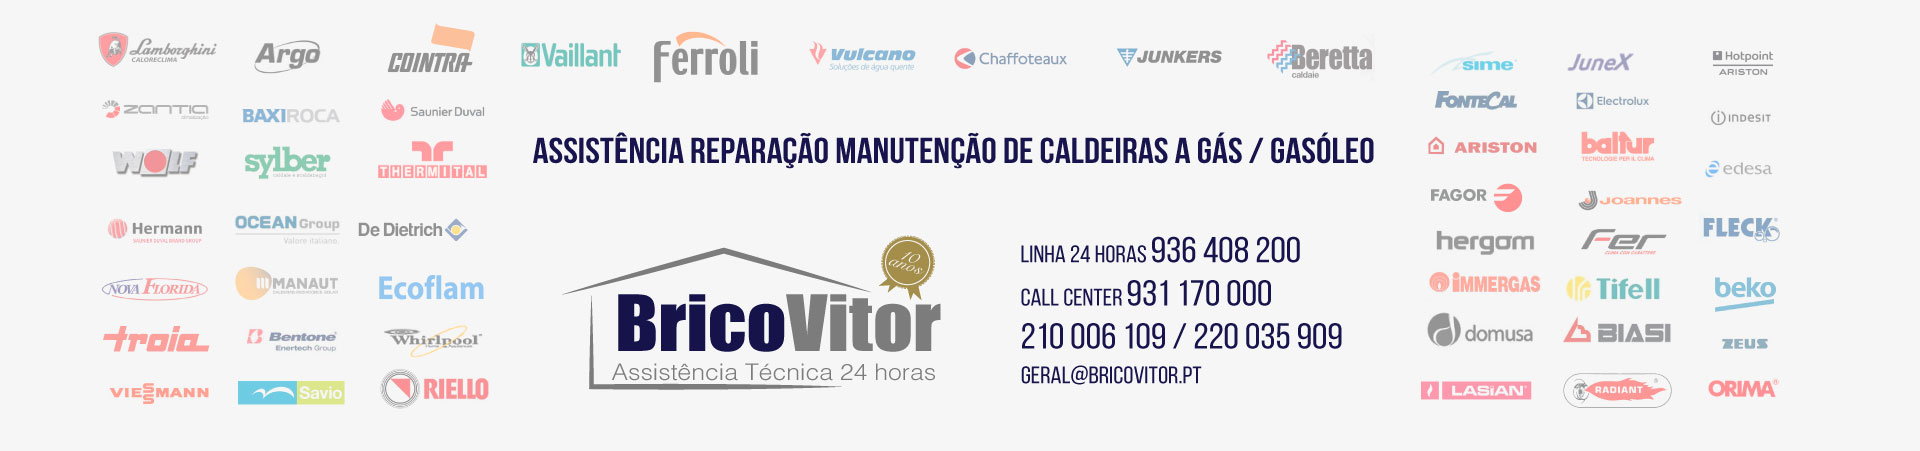 Empresa de Assistência Caldeiras Fervença, Celorico de Basto 24H